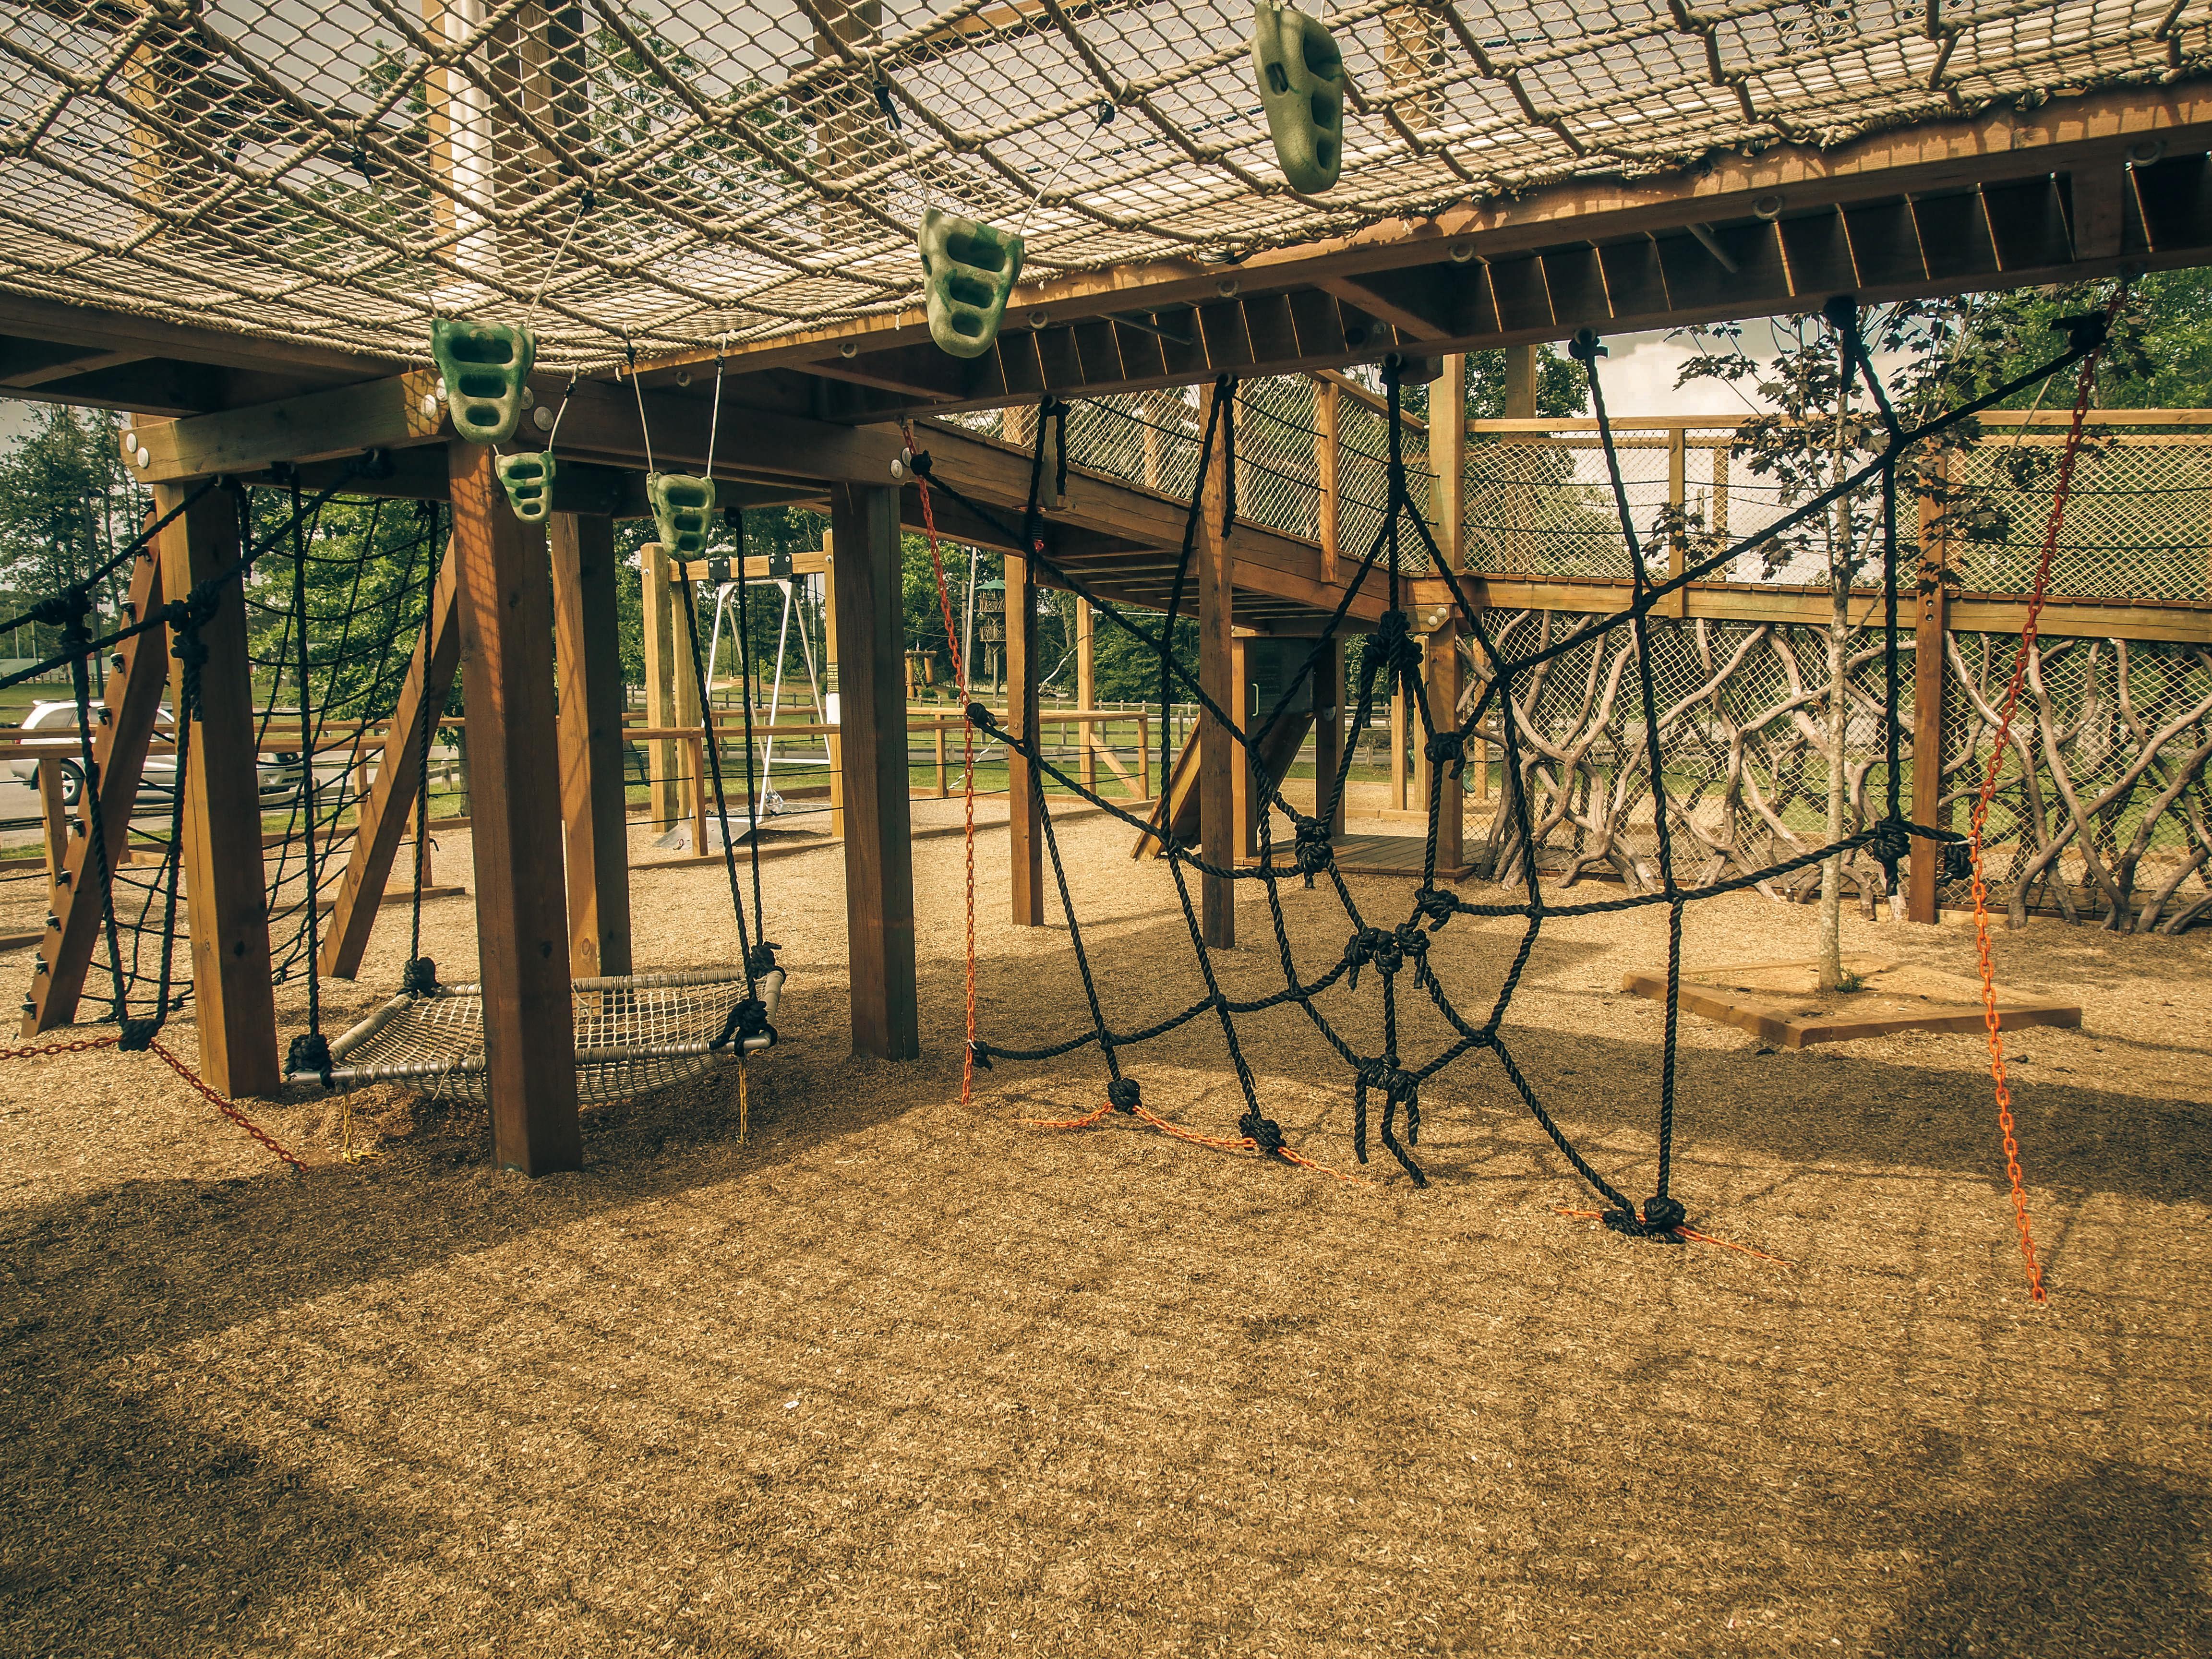 Spider playground